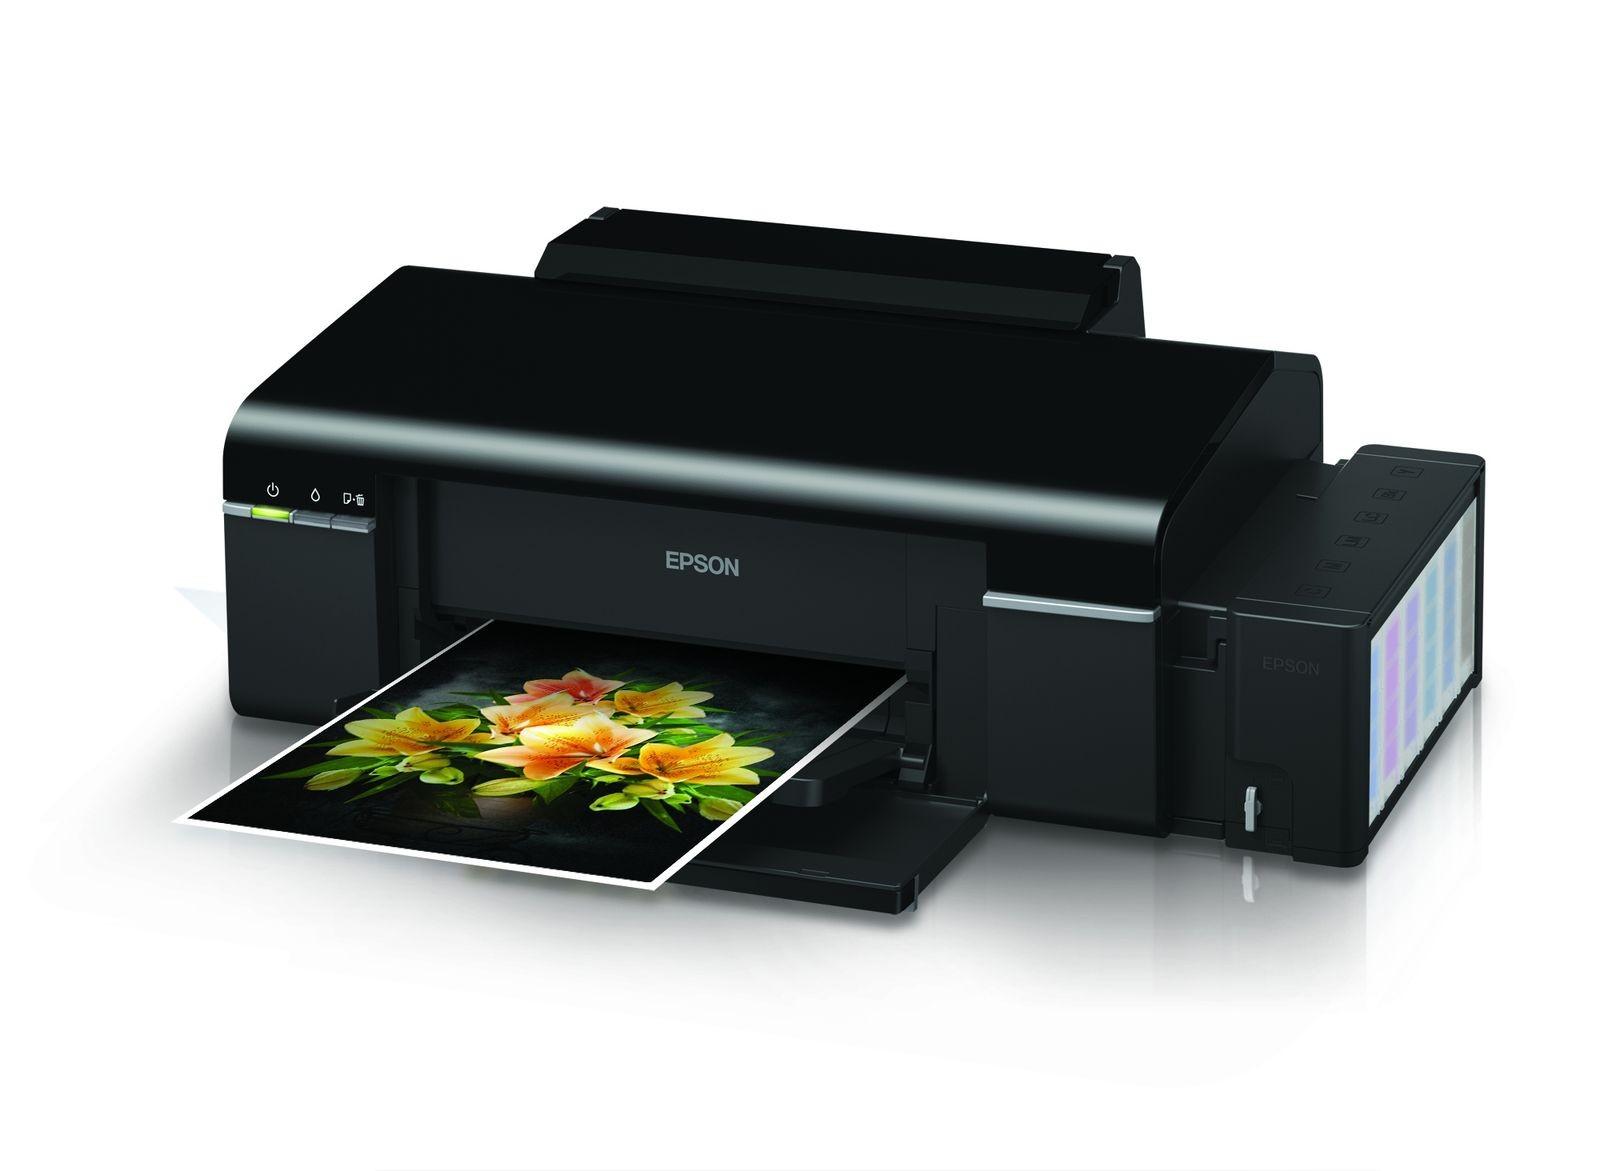 принтер для качественной печати фотографий словам экс-фигуристки, понадобилось